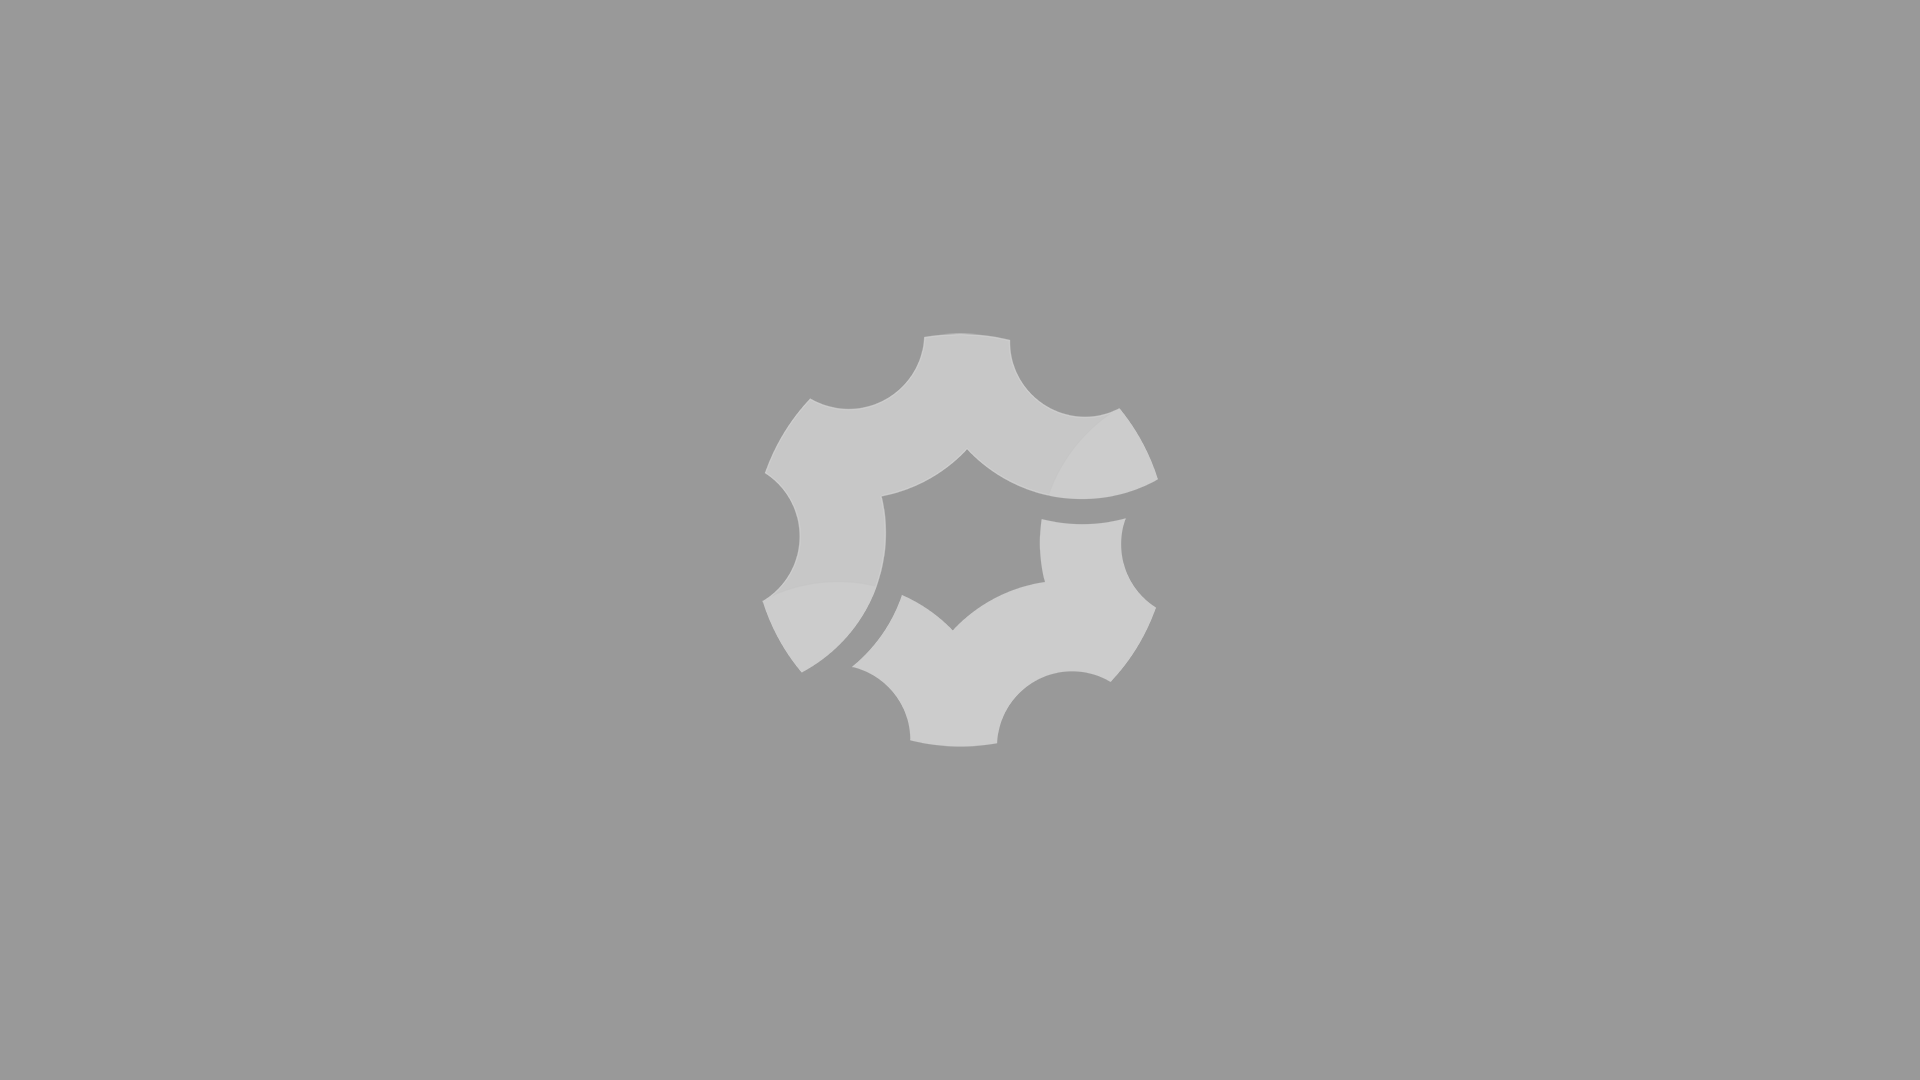 snowrunner_ksiva_p_d7b4f_2021-04-18_11_49_47.png